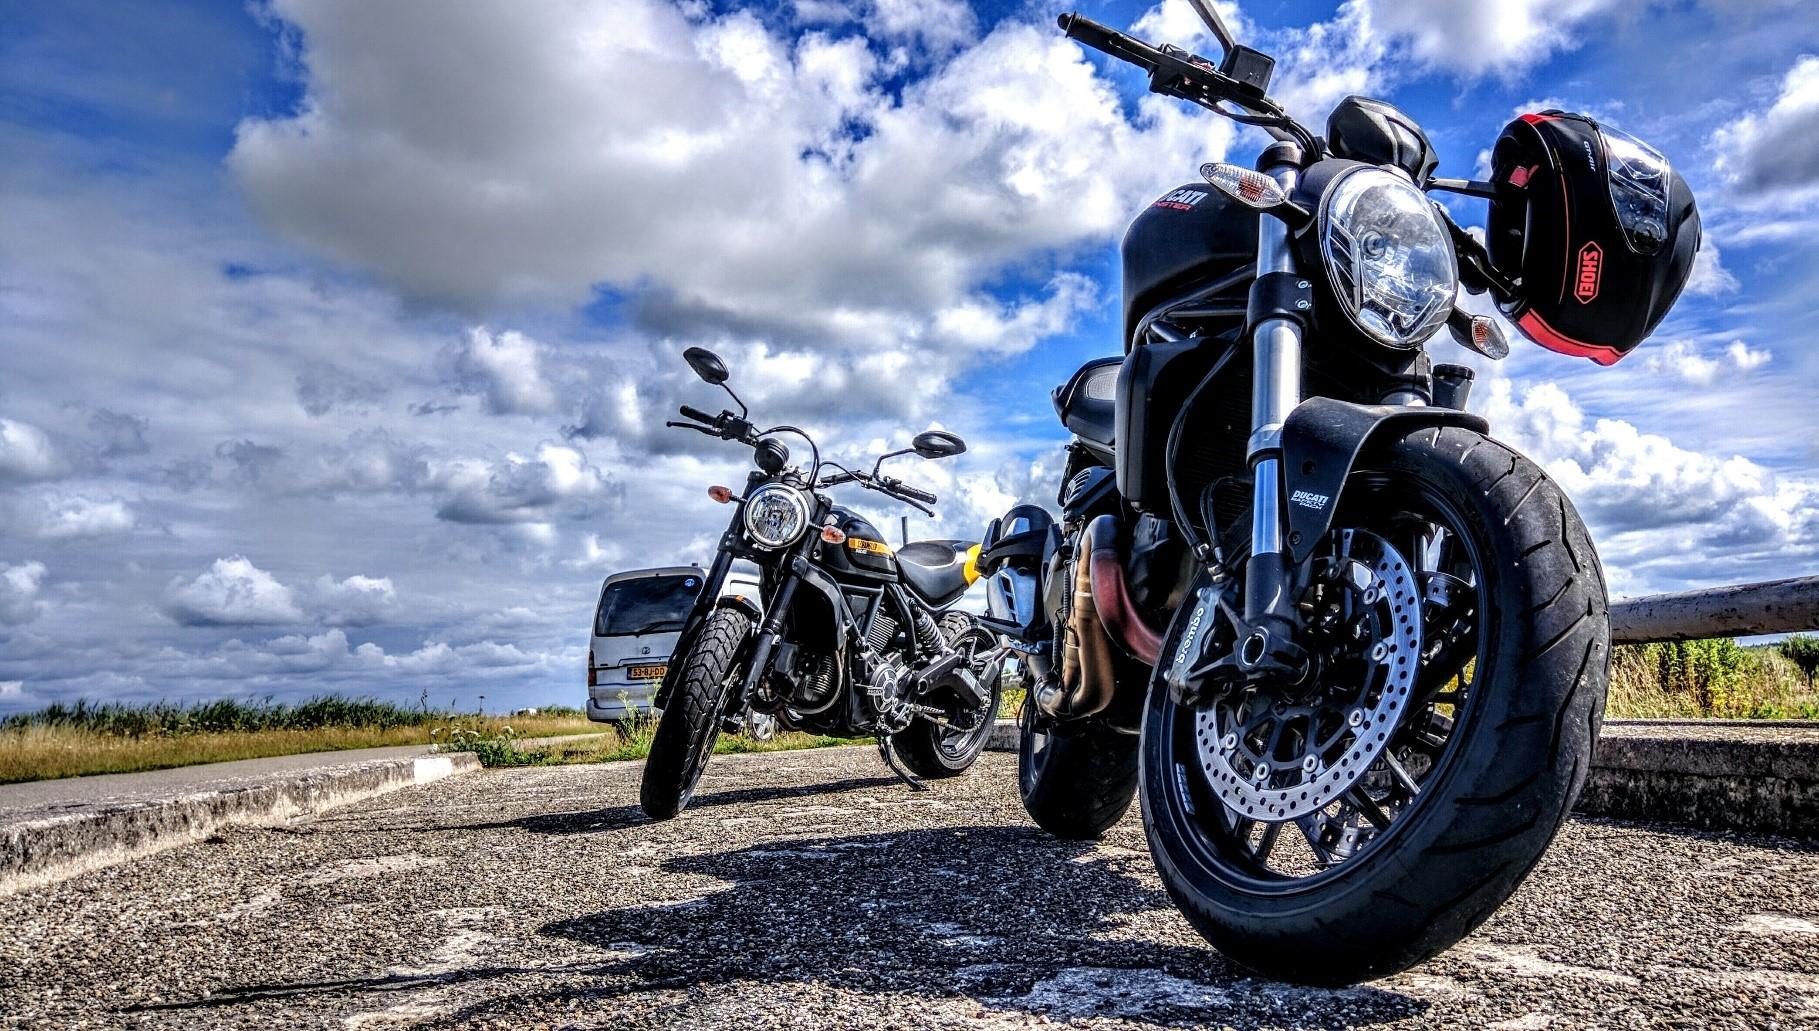 Motorbike_Pexels compressed.jpg